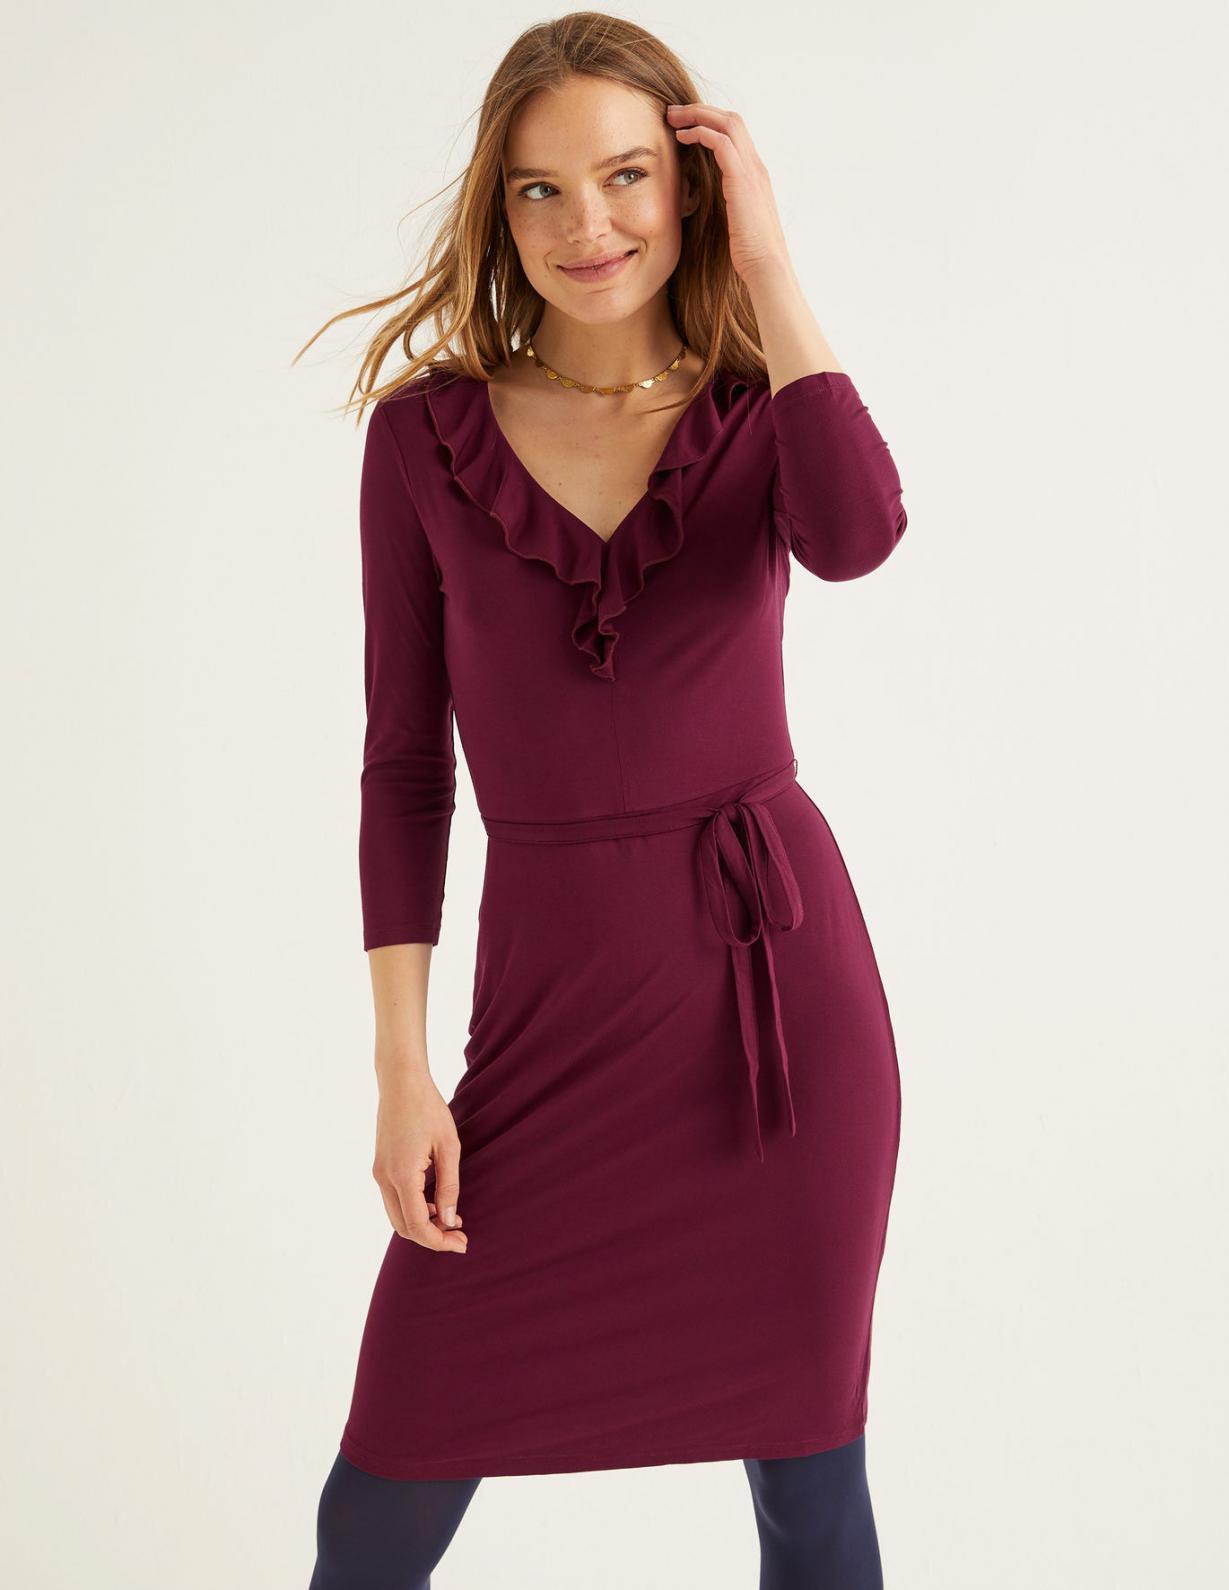 Boden Logan Jerseykleid Rubinrot  Damen Kleider